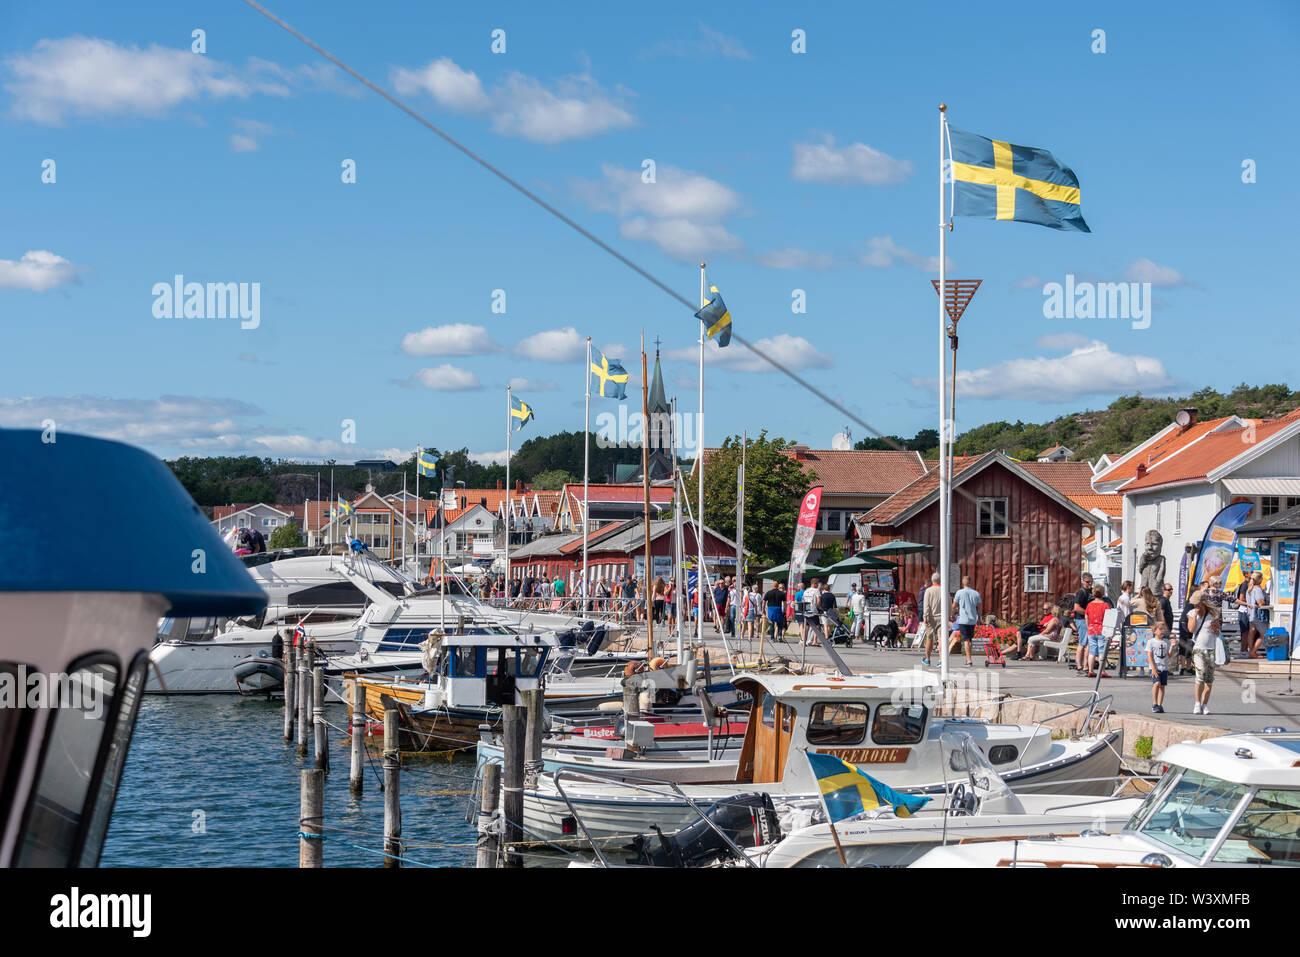 Mysigt radhus i underbara Tanumstrand (Grebbestad) - Airbnb